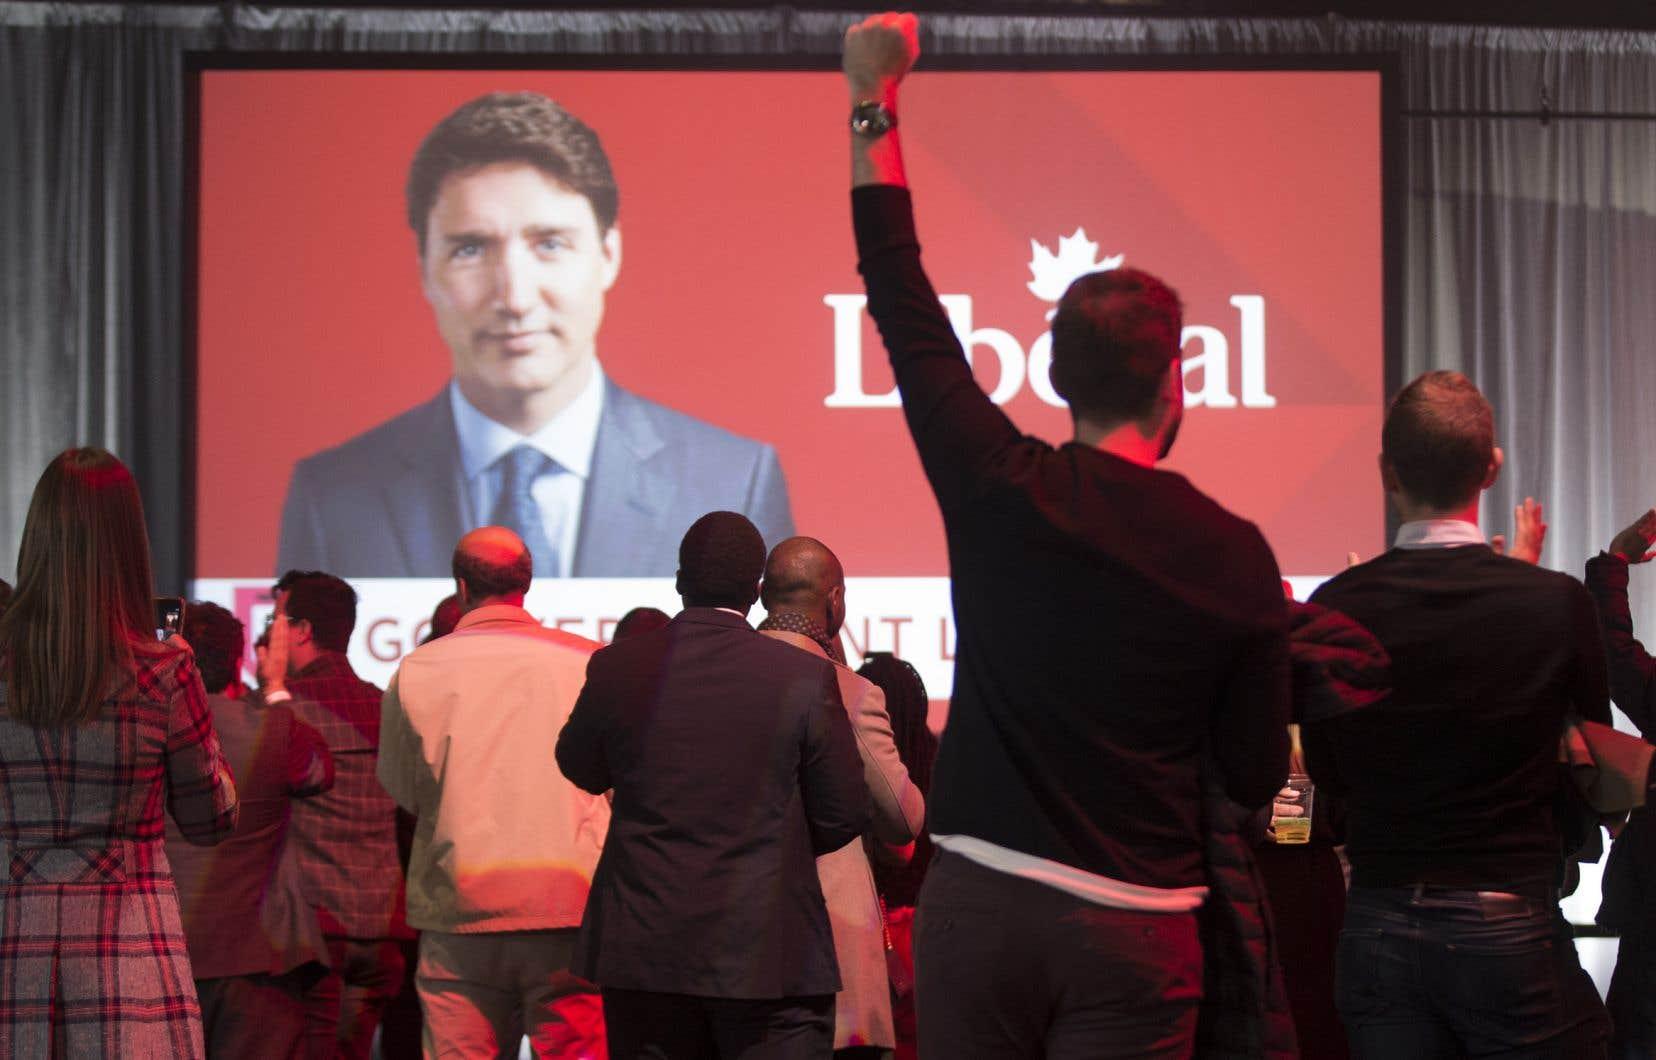 Des partisans en liesse à l'annonce d'un gouvernement libéral